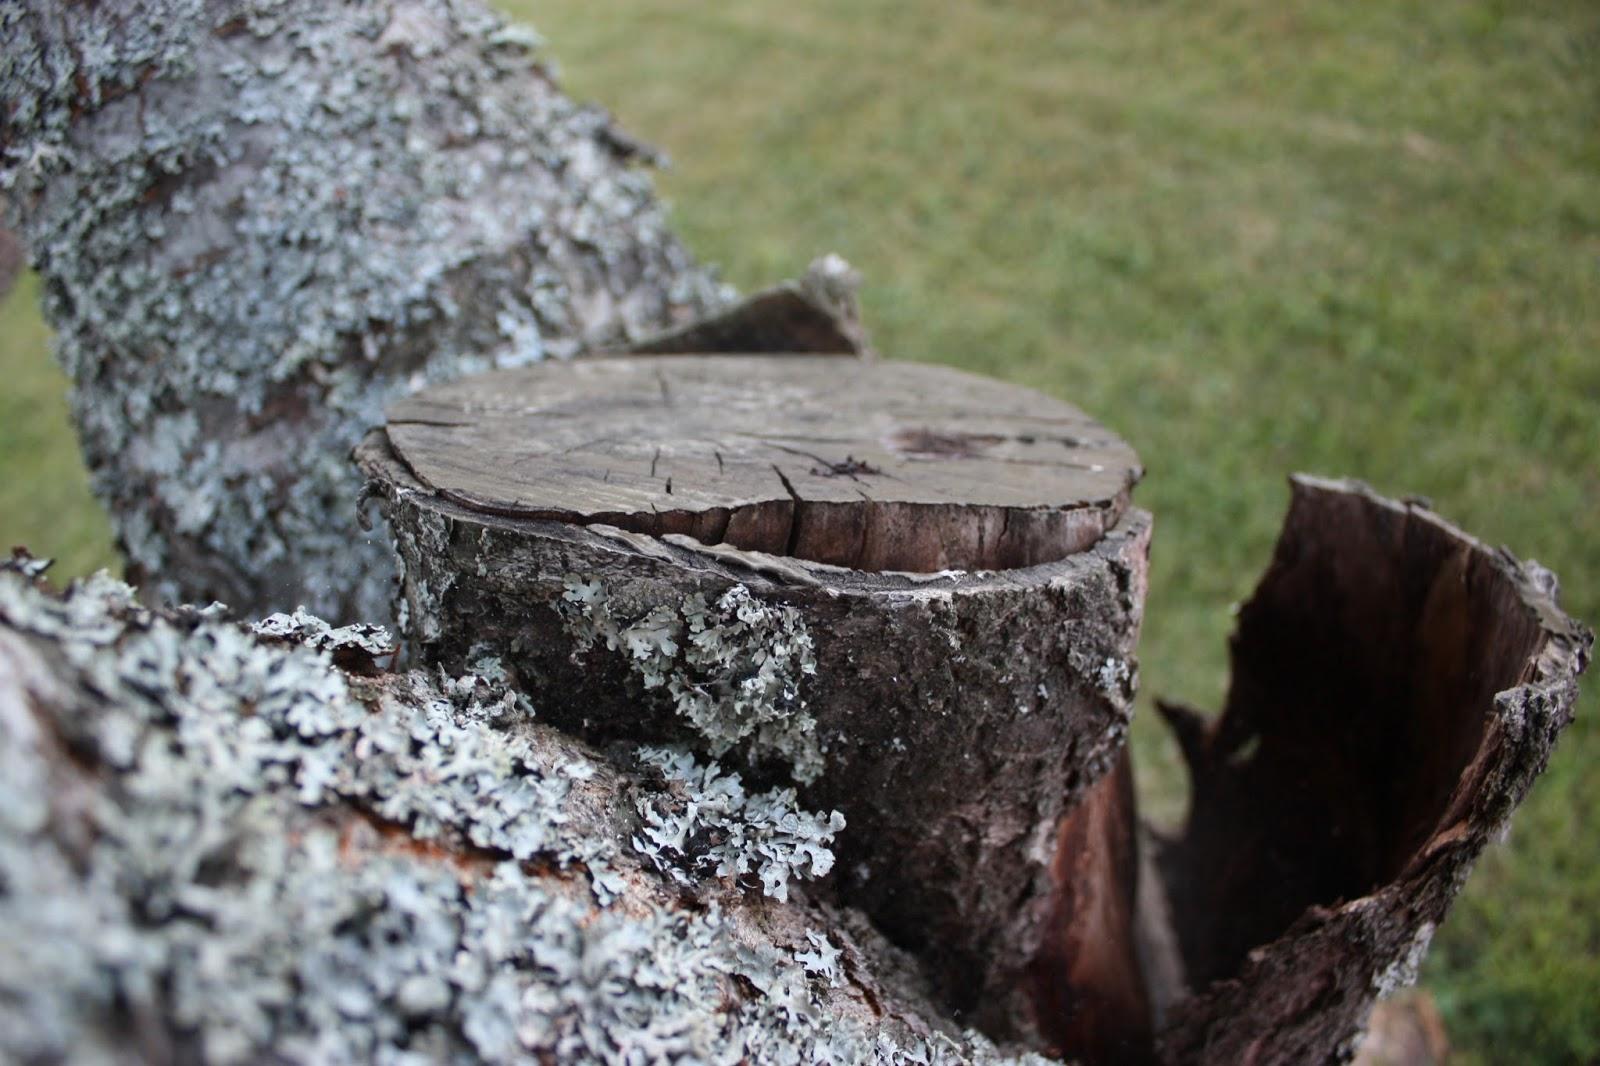 Josefins trädgård: träd gården ii (iii)